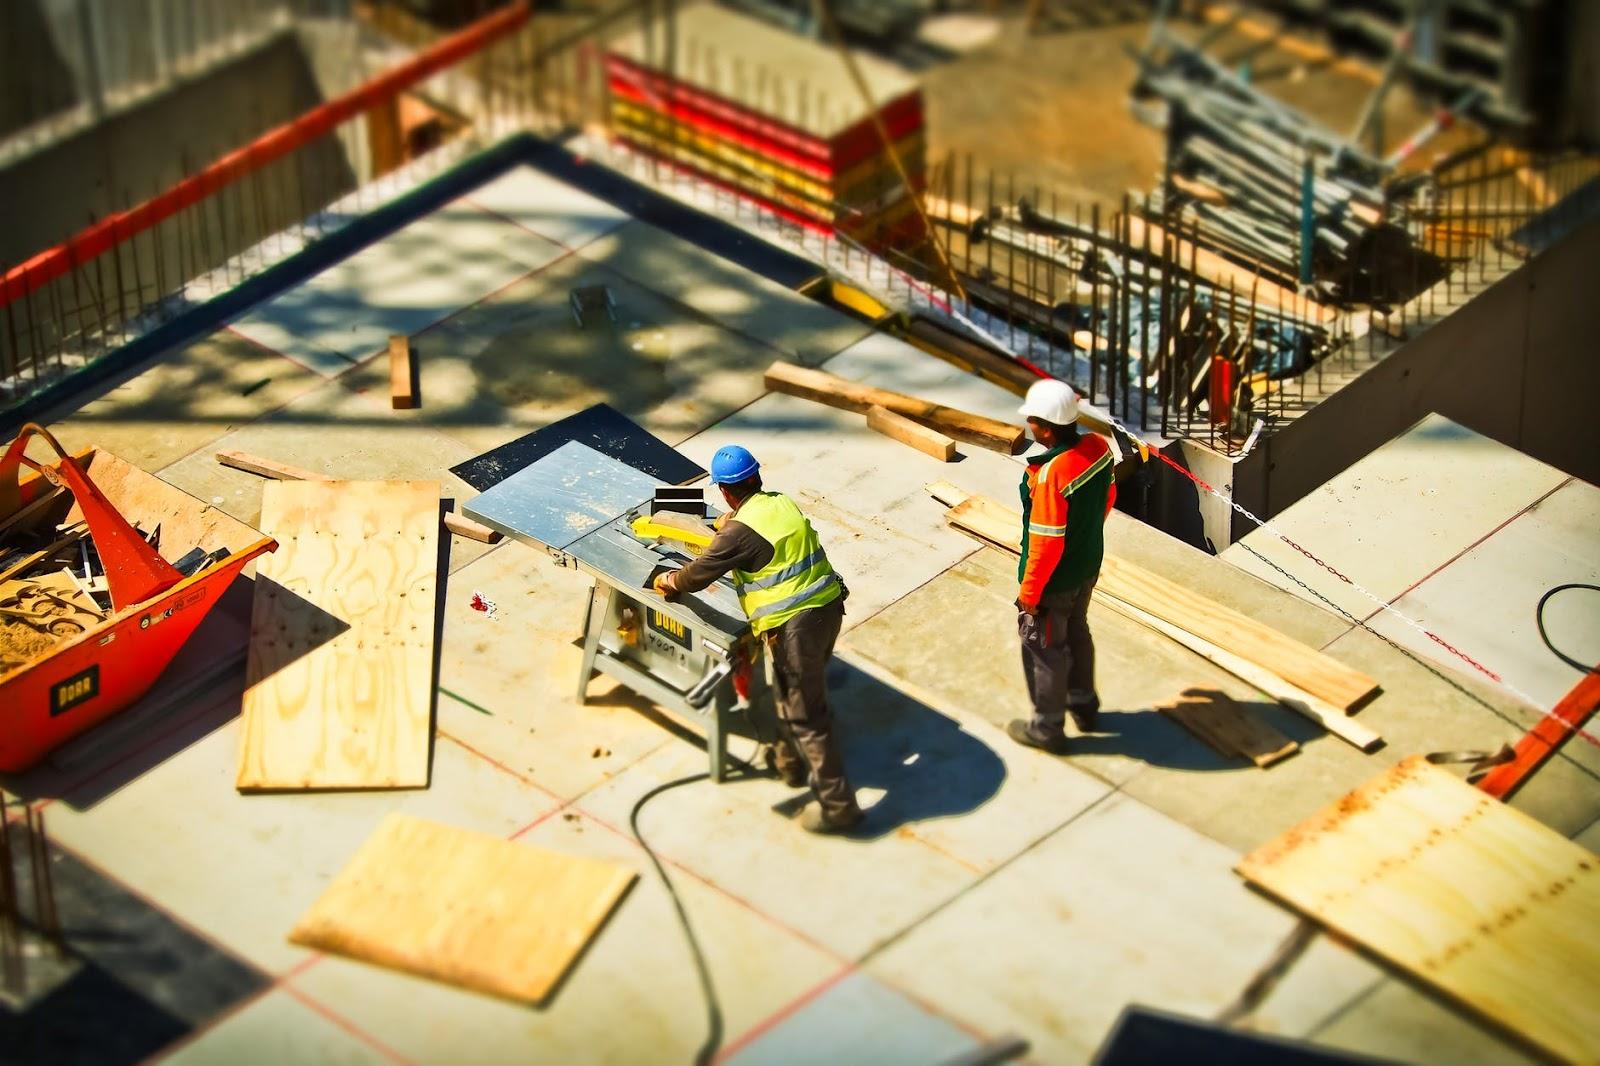 Die Baustelle (7 wichtige Fakten)